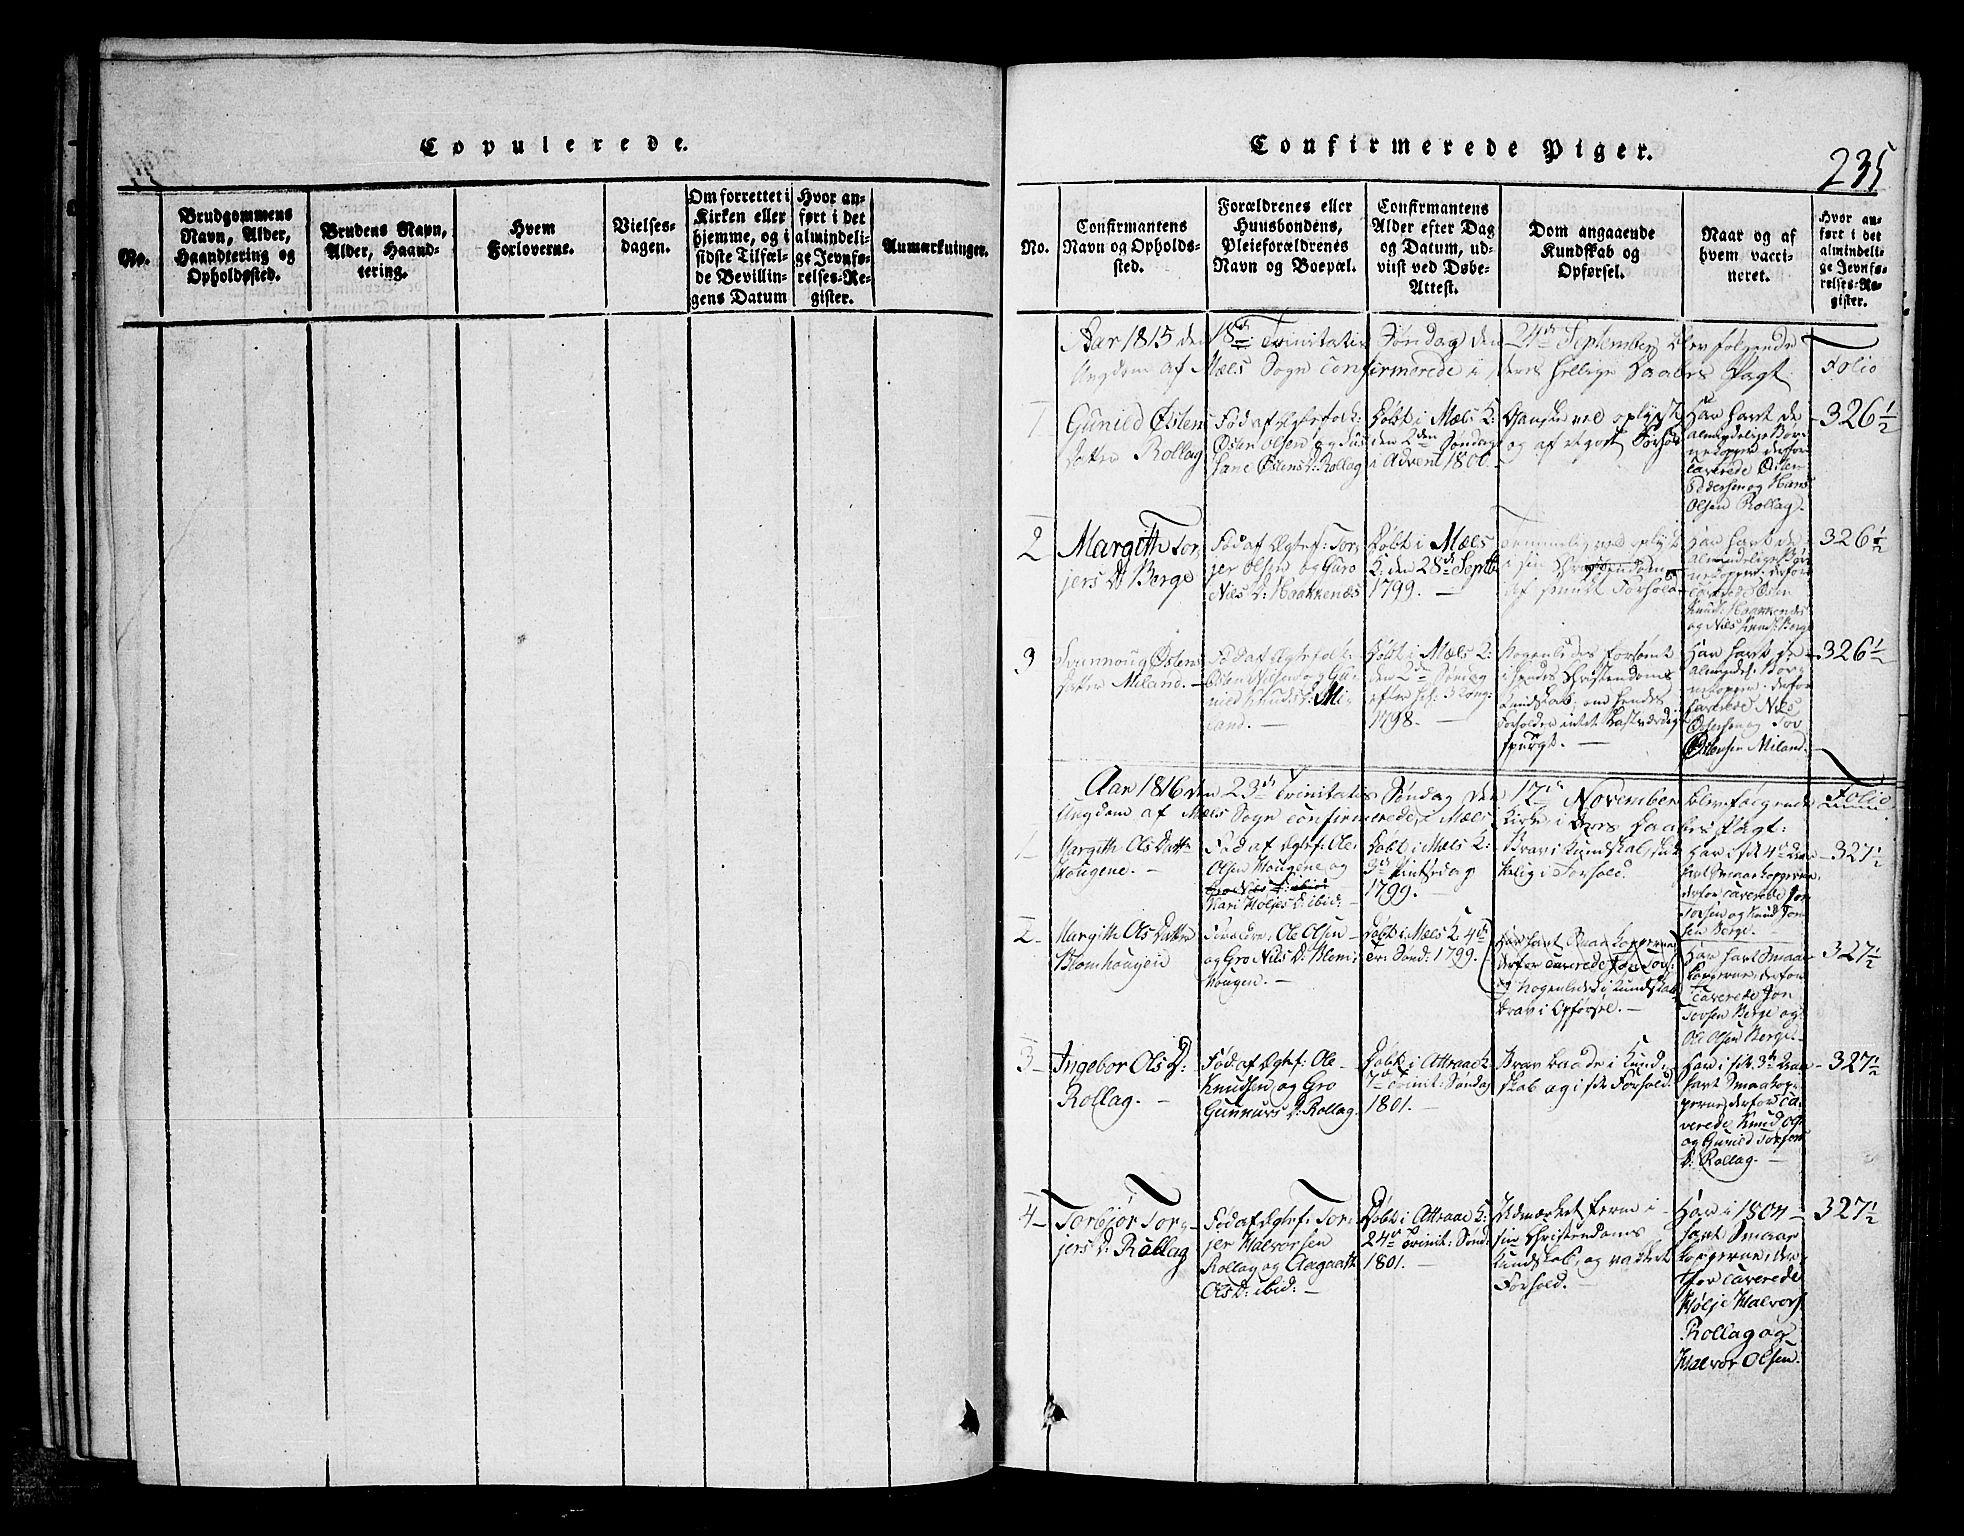 SAKO, Tinn kirkebøker, G/Gb/L0001: Klokkerbok nr. II 1 /1, 1815-1850, s. 235